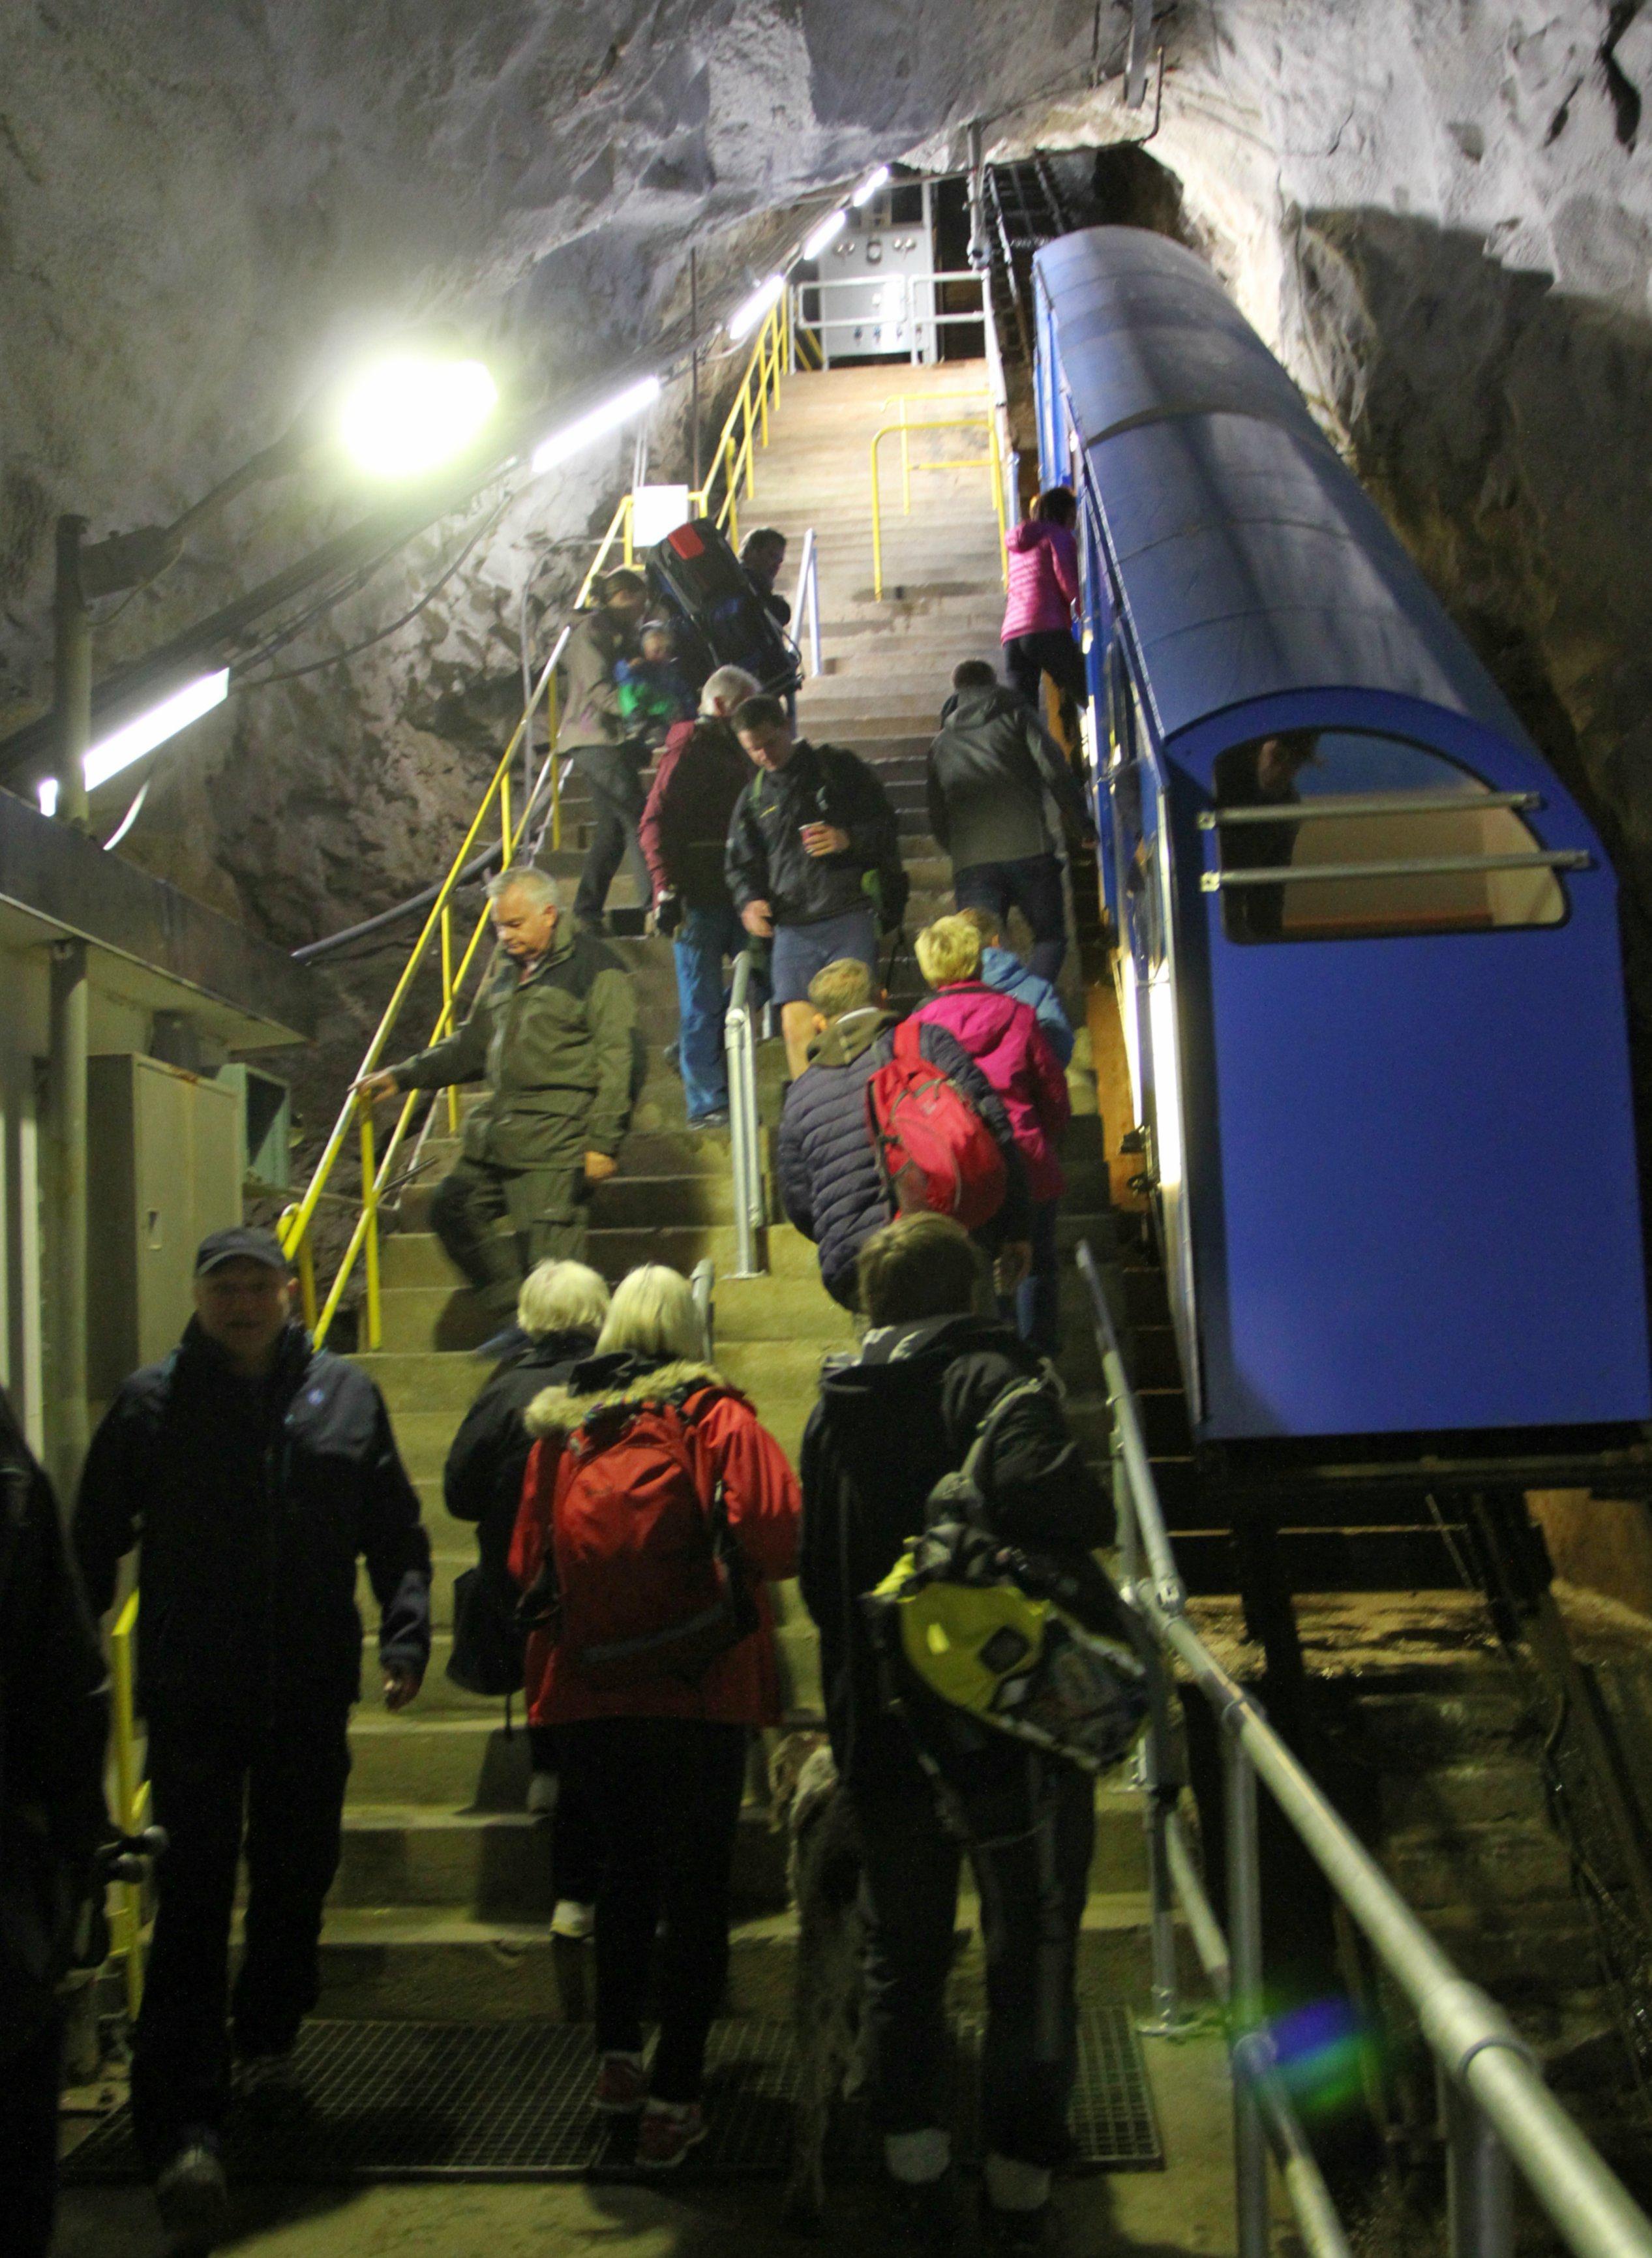 TOGBYTTE PÅ GAUSTABANEN : Midt inne i fjellet må vi av den blå T-banen og inn i dette bratte skinnetoget.